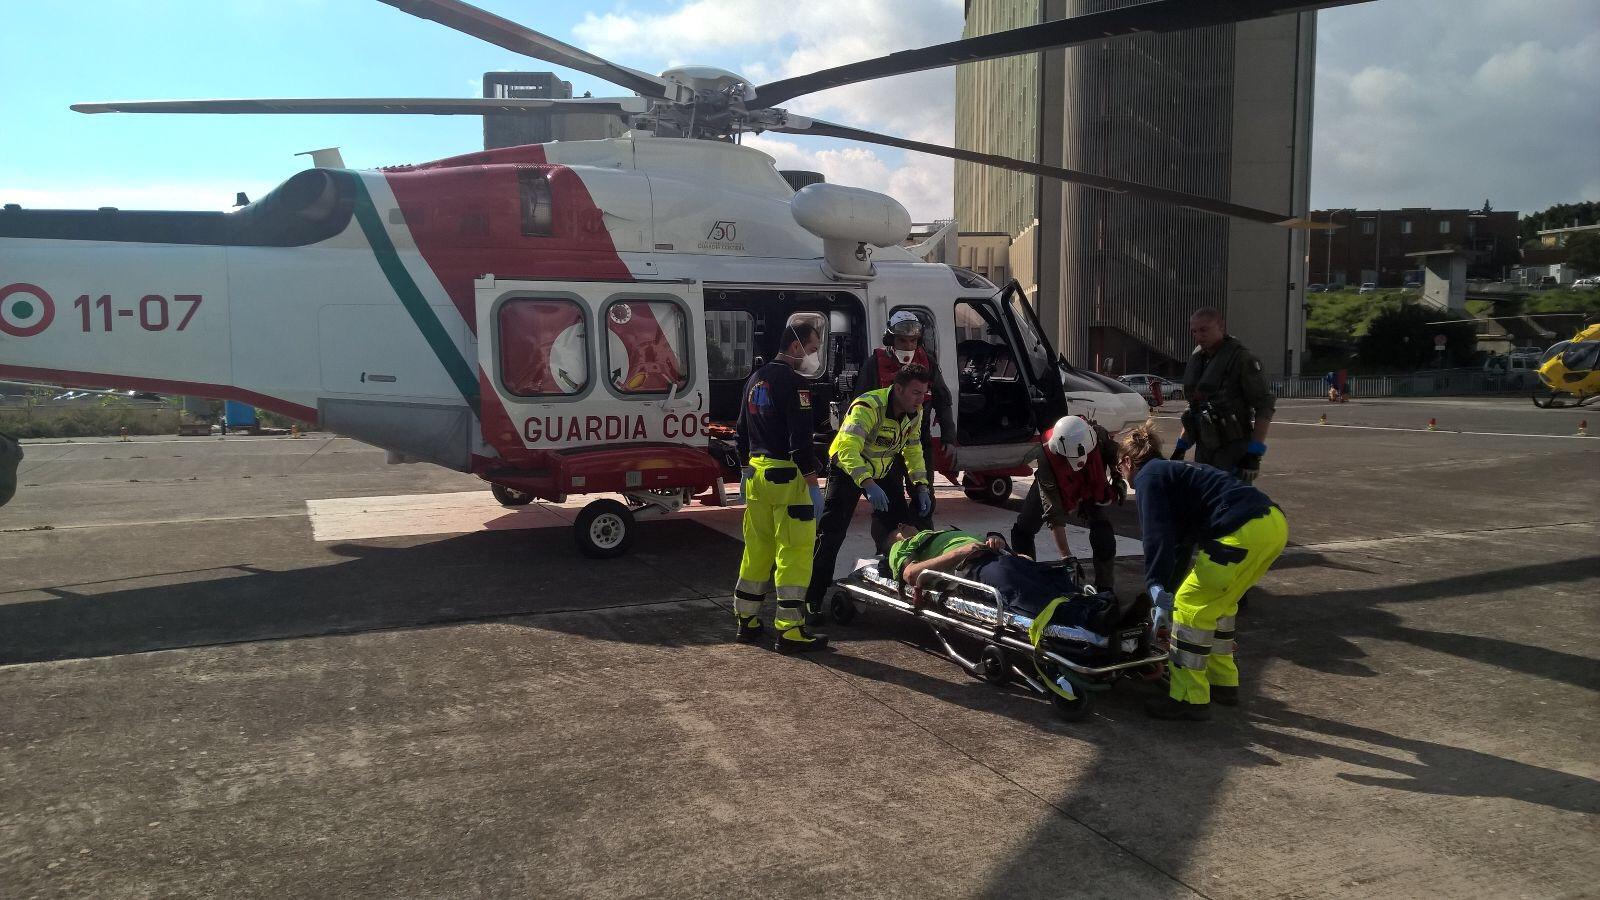 Un Elicottero : Evacuazione medica portata a termine da un elicottero della